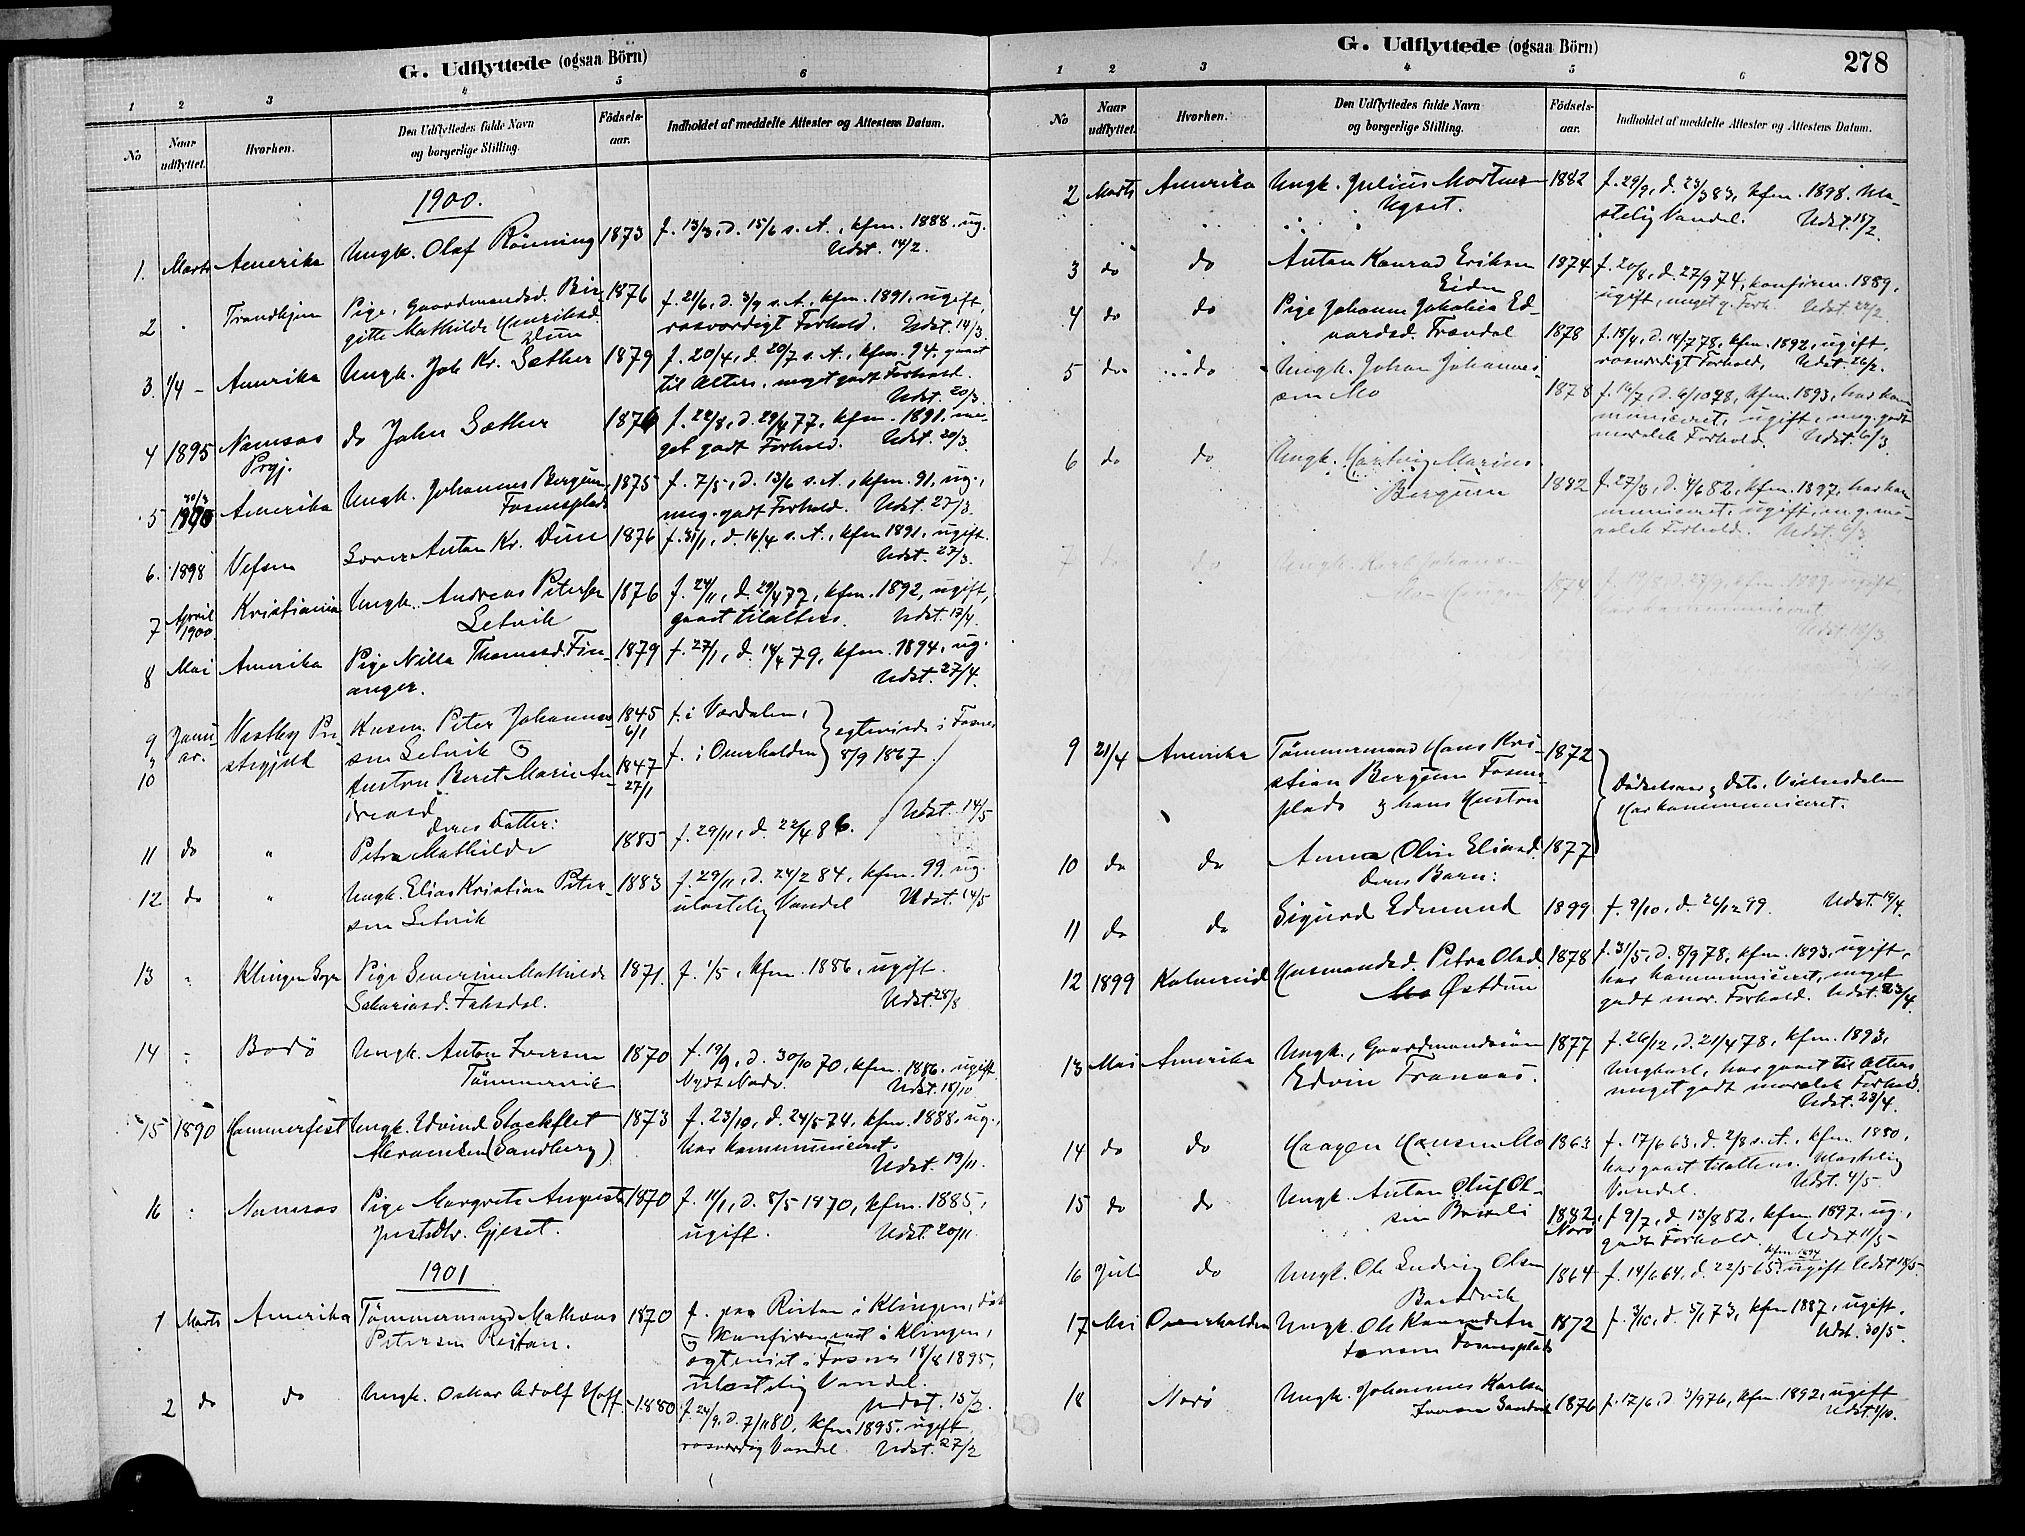 SAT, Ministerialprotokoller, klokkerbøker og fødselsregistre - Nord-Trøndelag, 773/L0617: Ministerialbok nr. 773A08, 1887-1910, s. 278